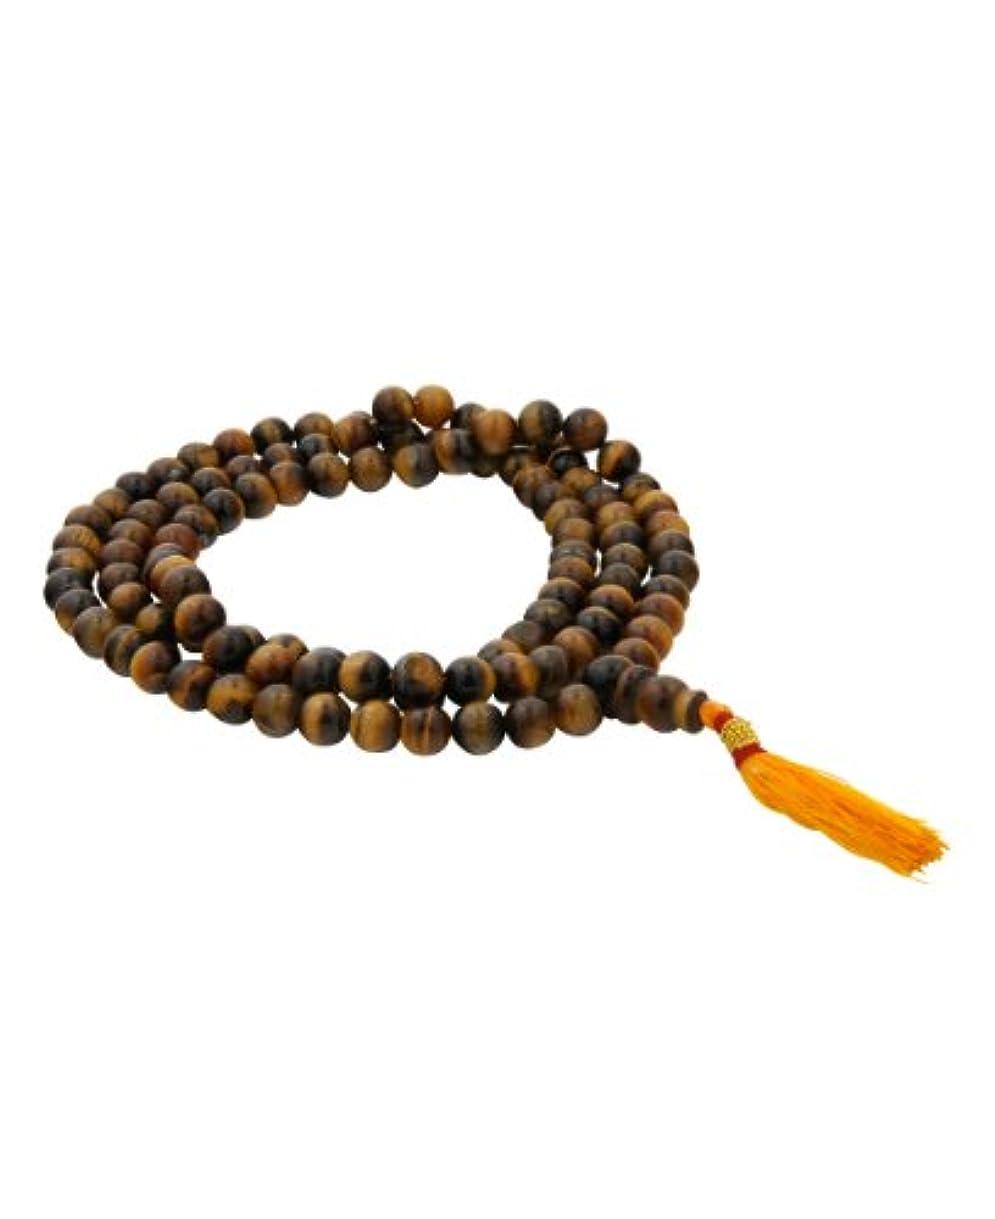 メンバー動かない協定108 Tiger Eyeビーズ瞑想Japa Mala (ロザリオ)